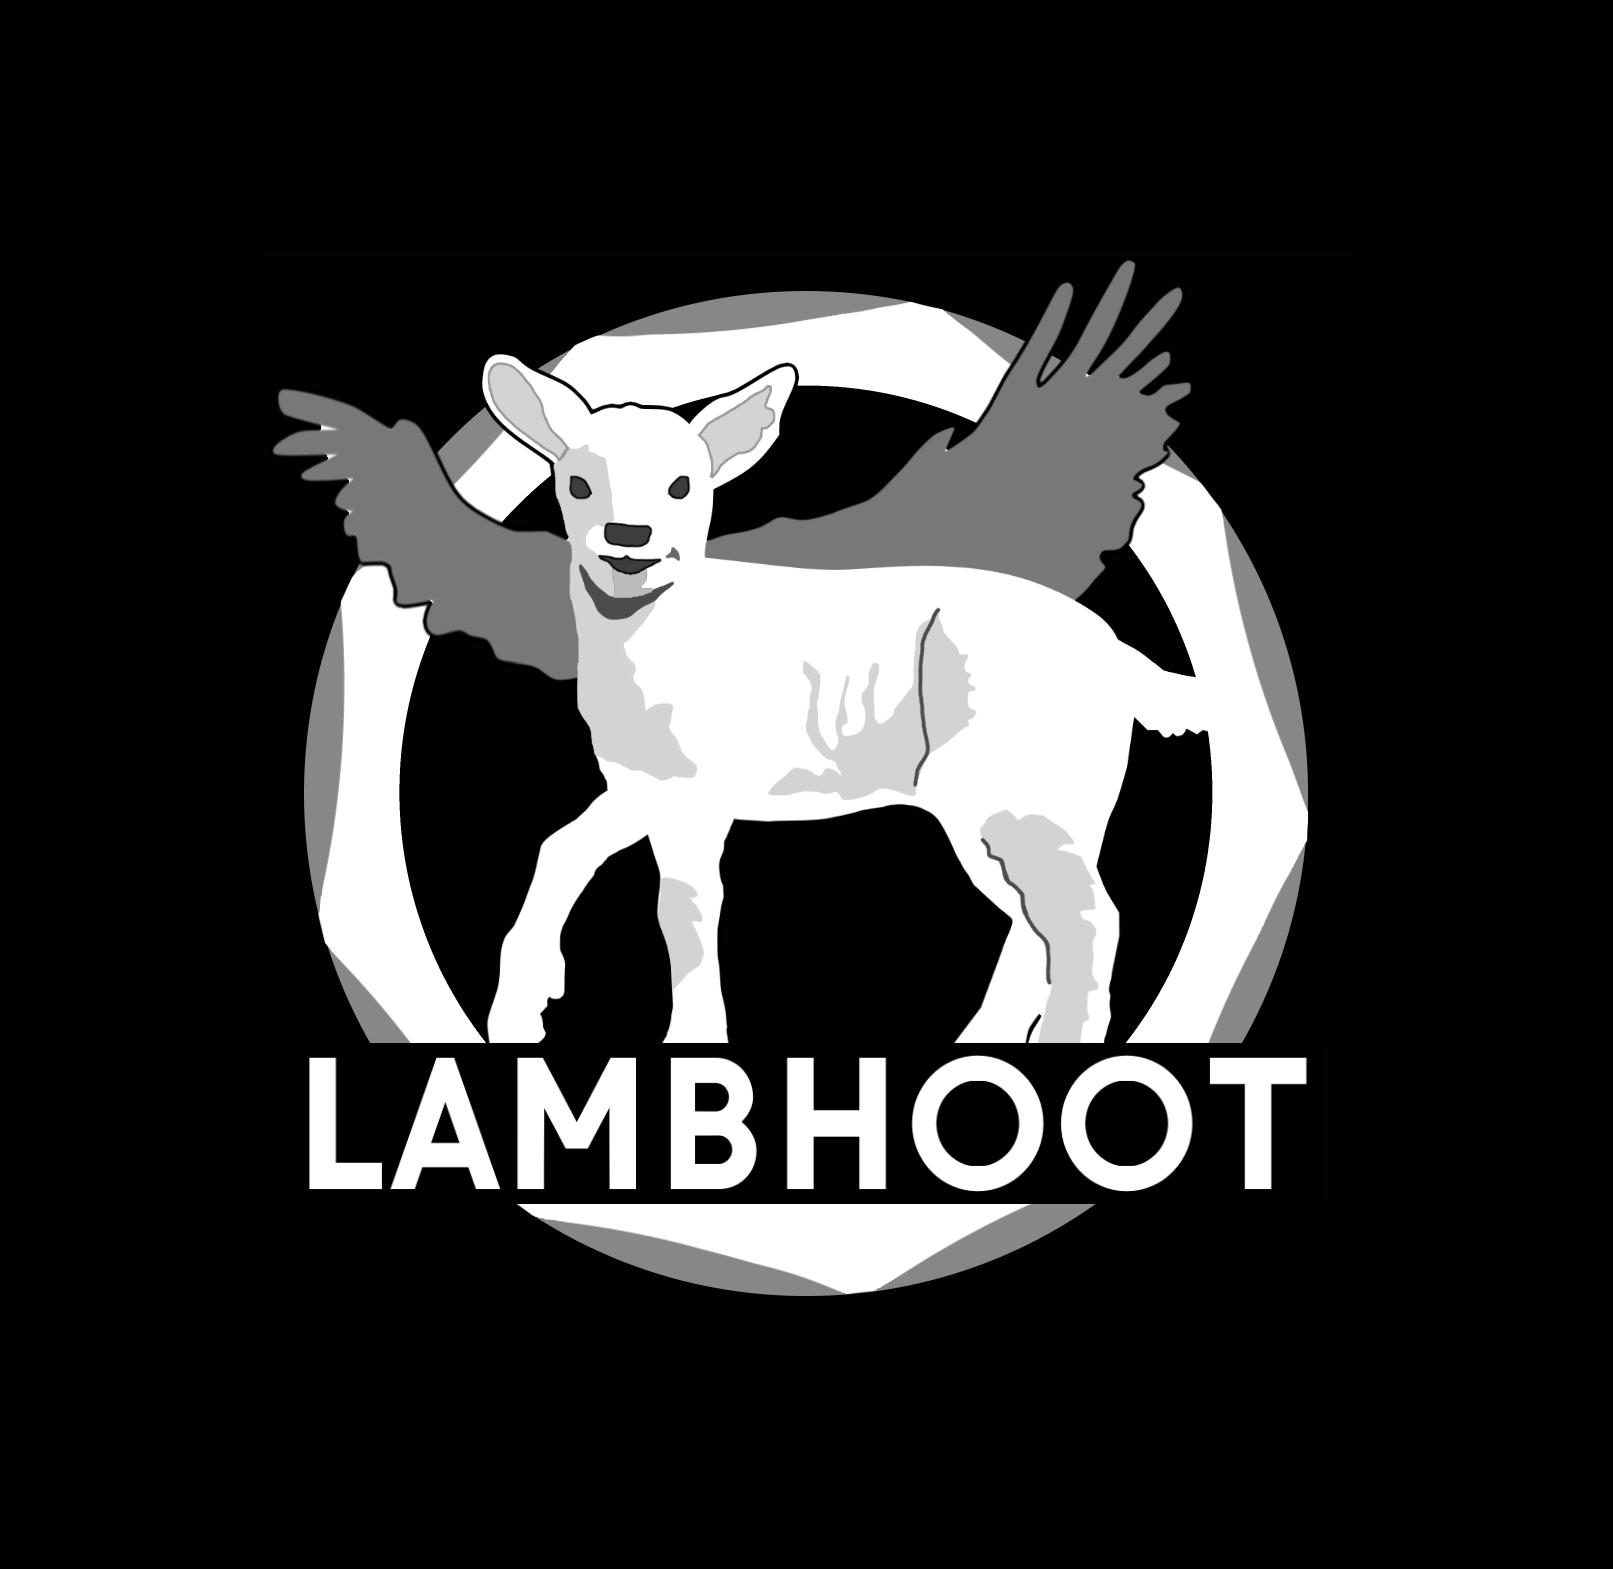 LambHoot